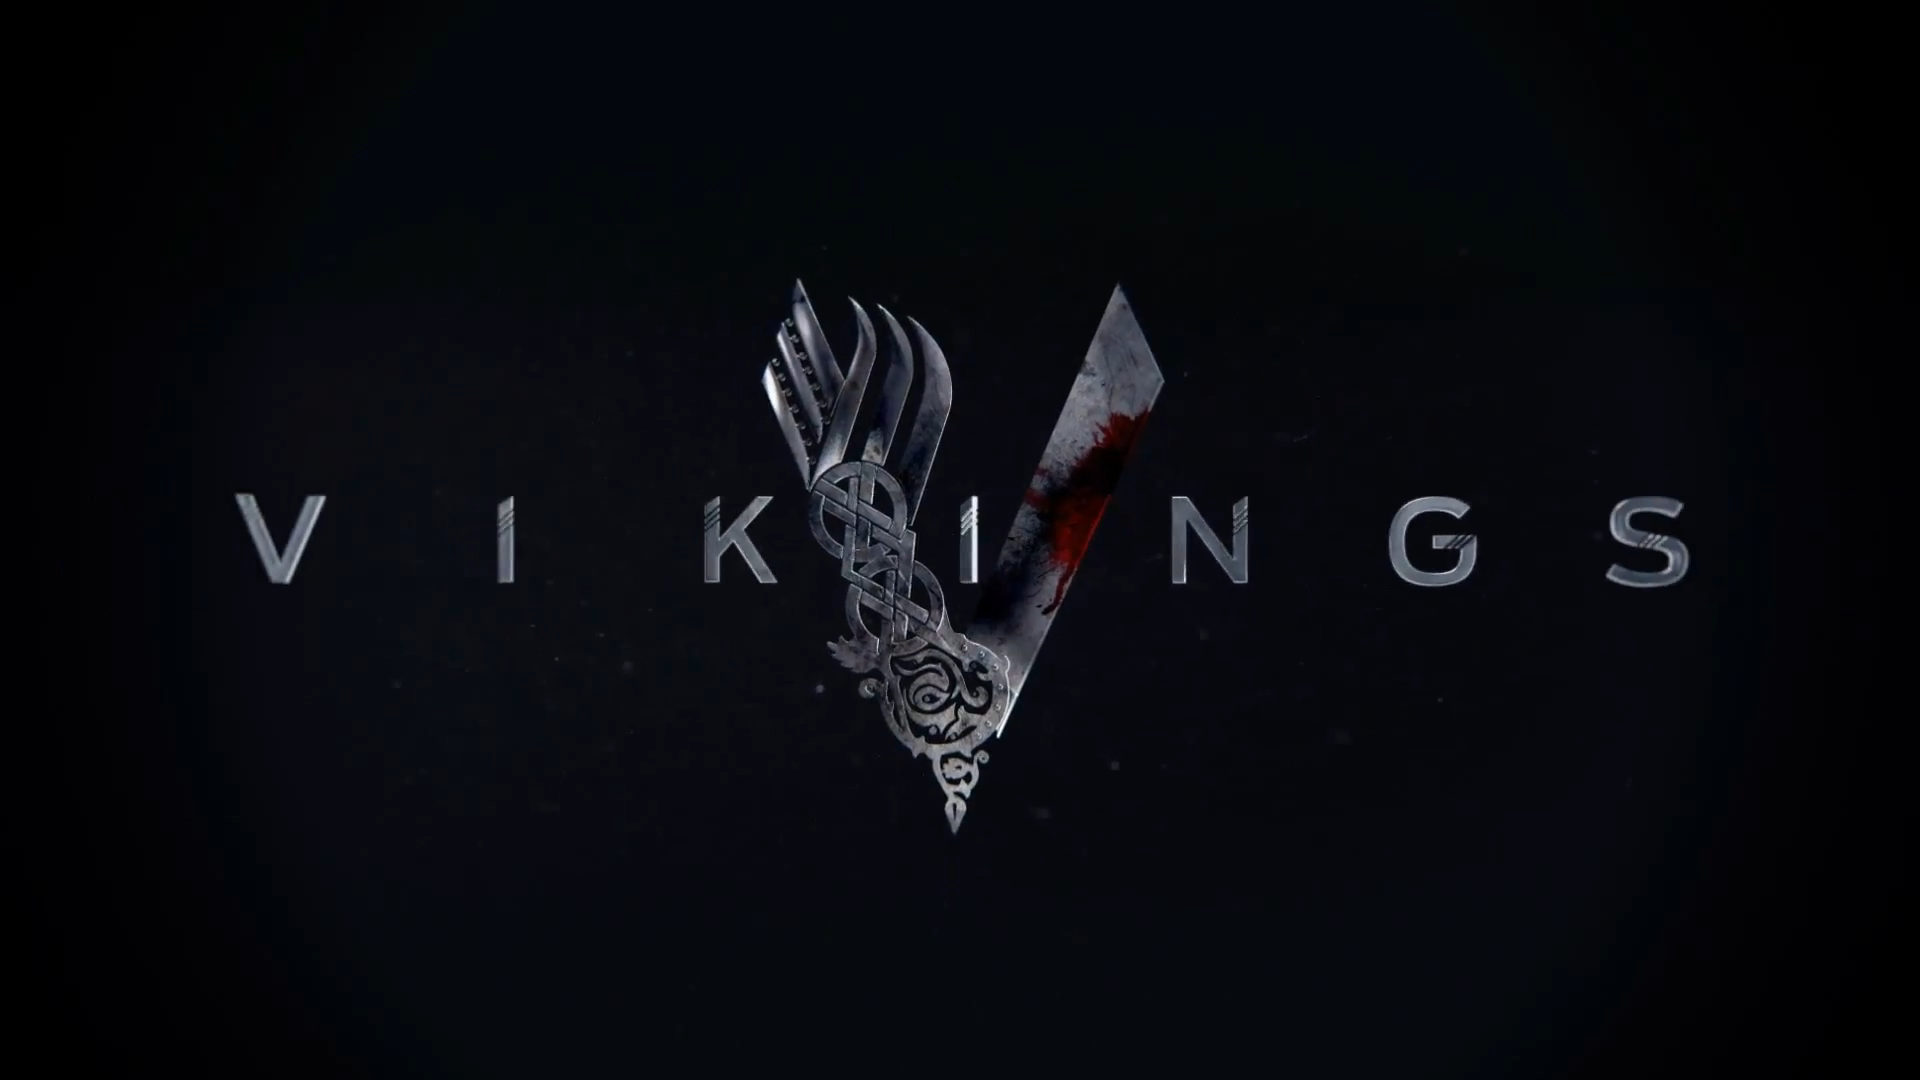 Czekam na 4 sezon Wikingów - ielgrey.pl